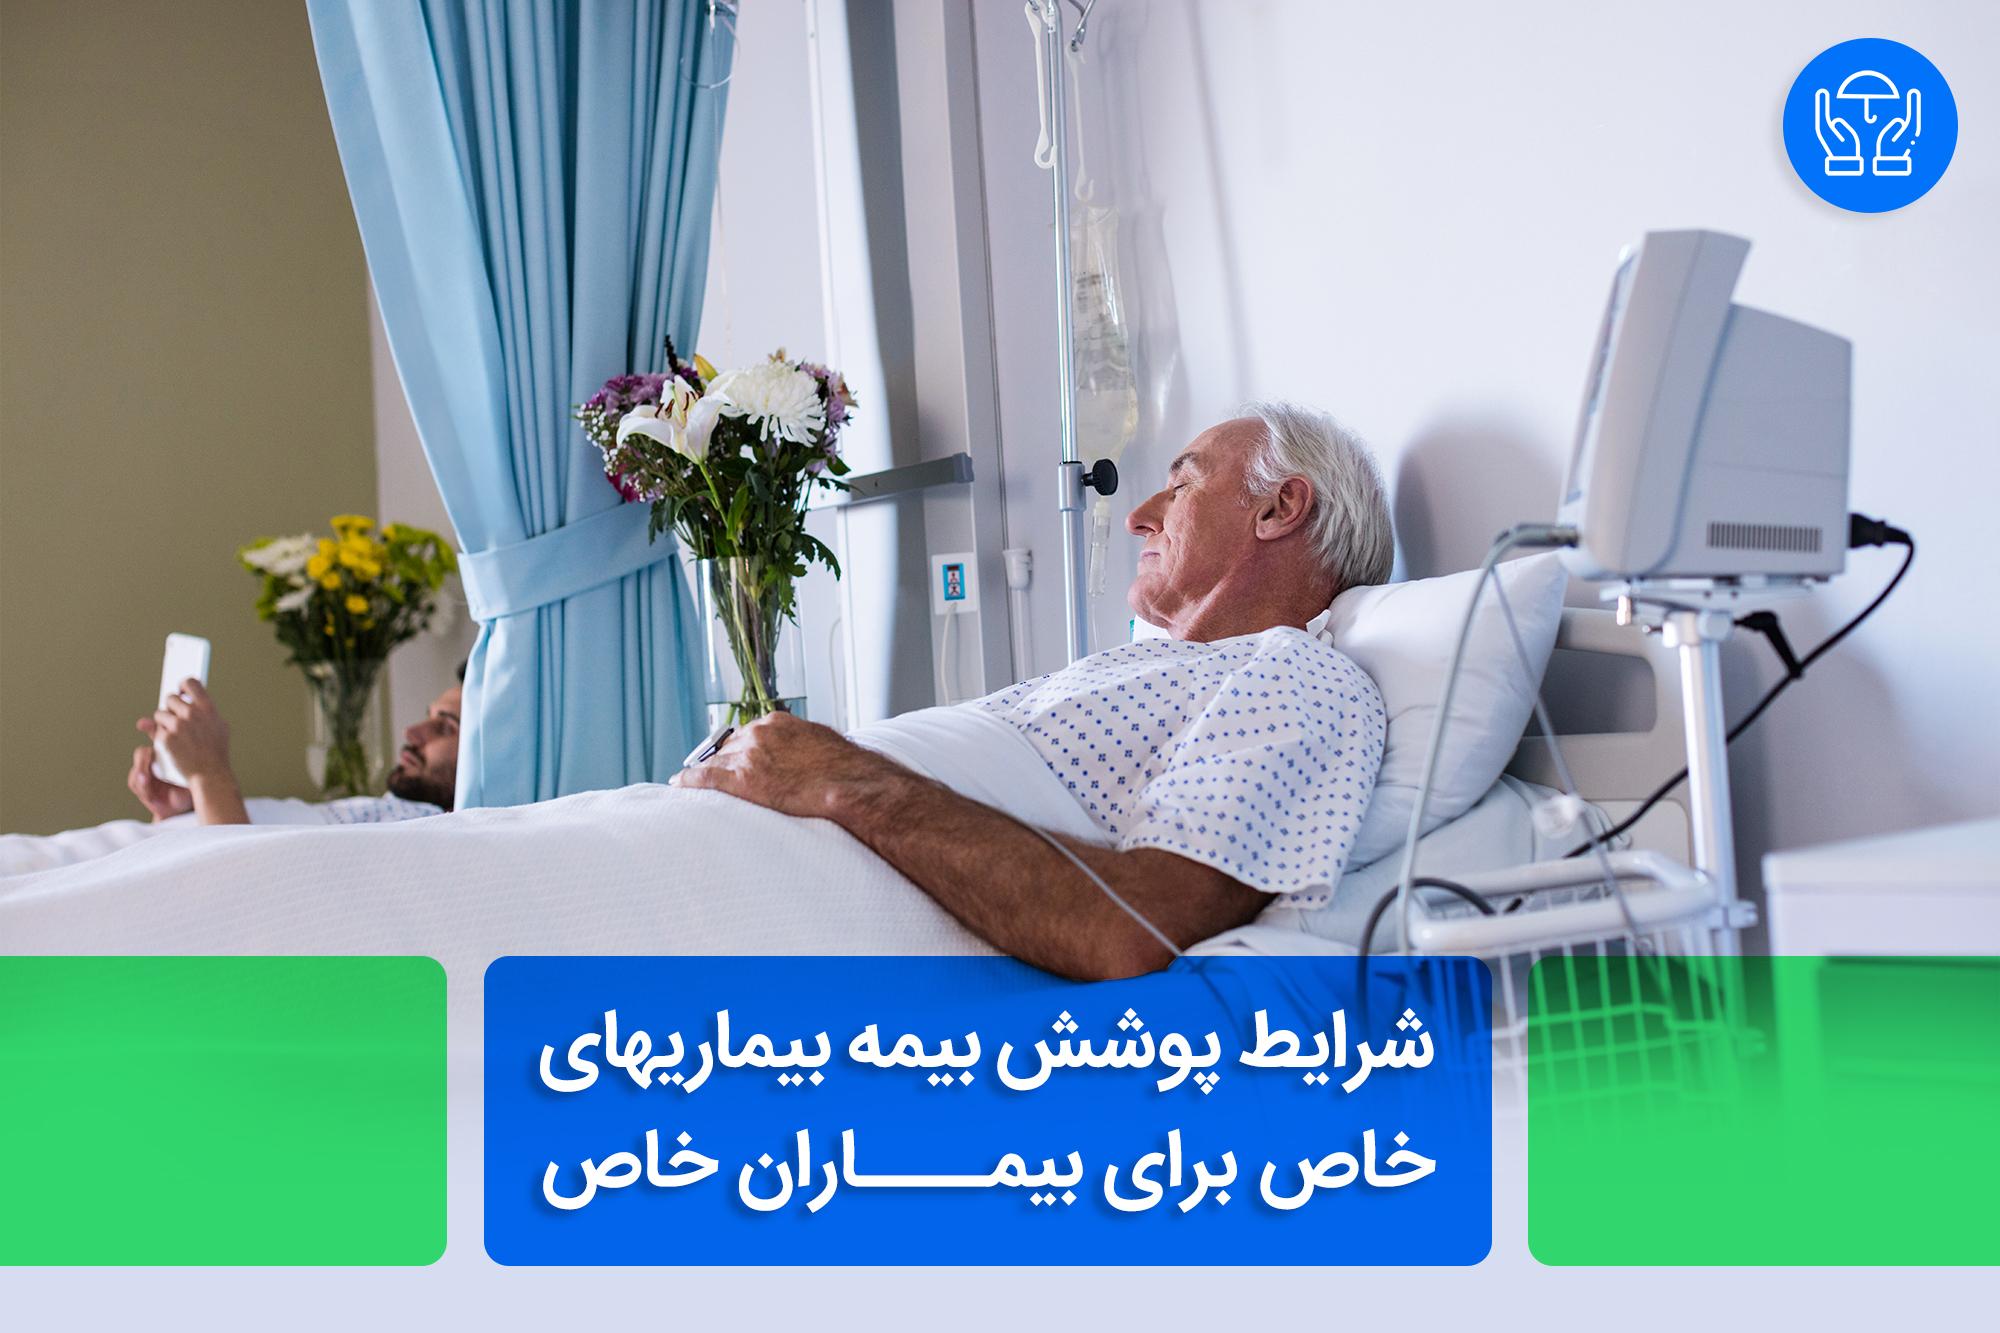 پوشش امراض خاص در بیمه عمر